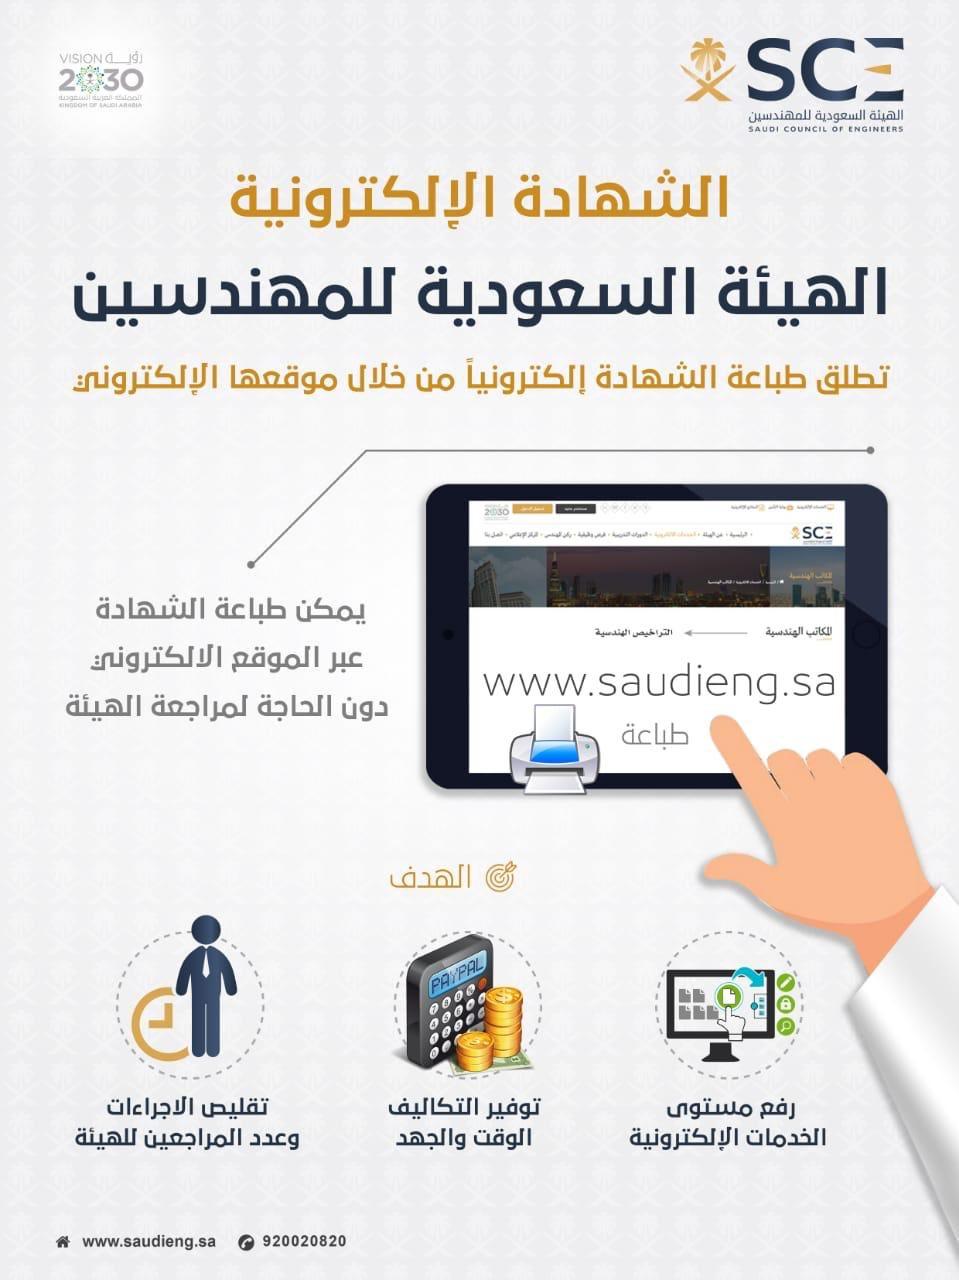 الهيئة السعودية للمهندسينさんのツイート الآن شهادتك بضغطة زر مع